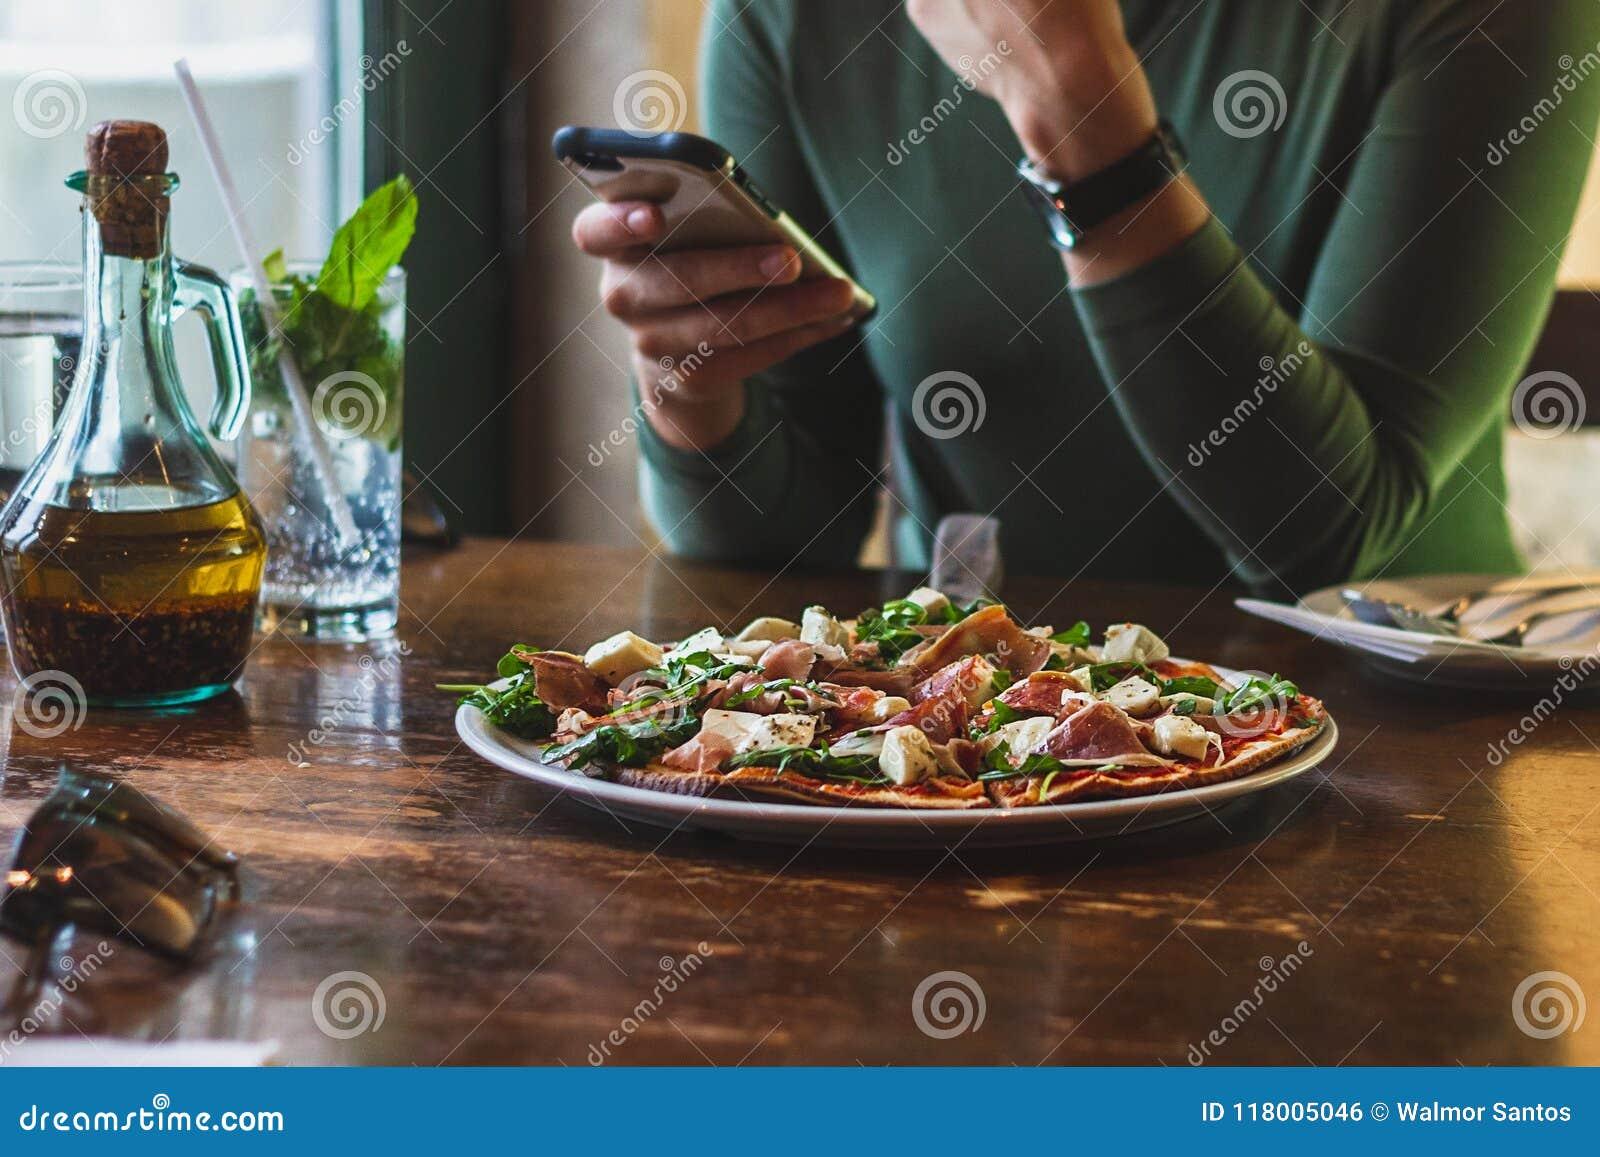 La femme mangent de la pizza